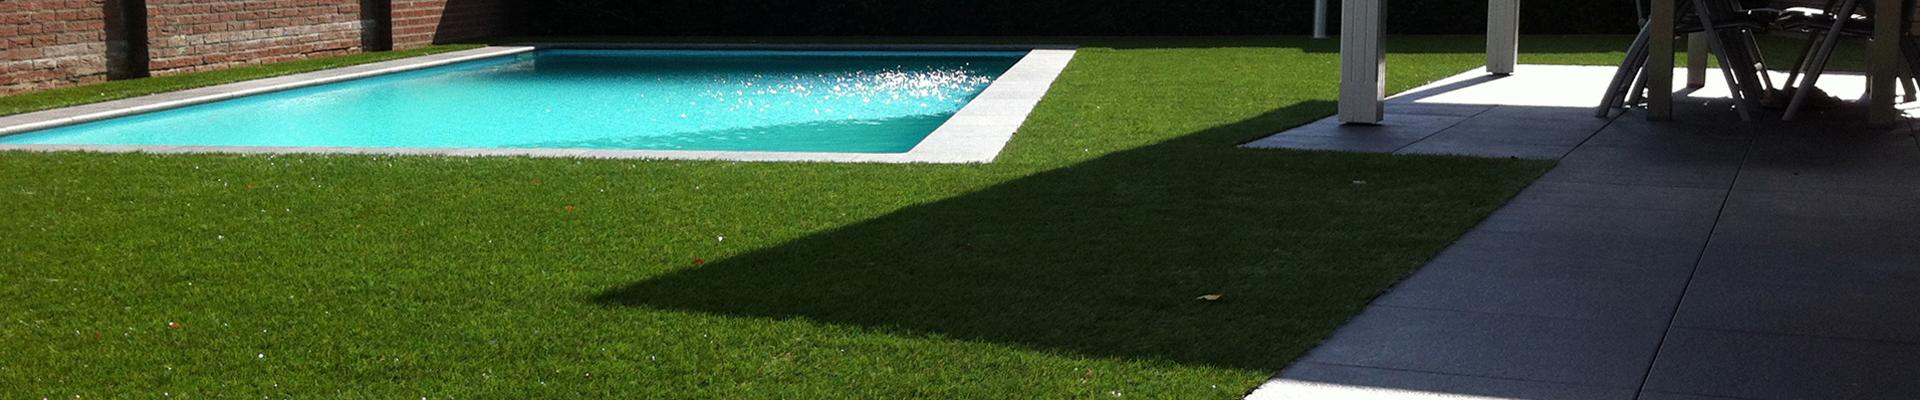 Kunstgras bij zwembad